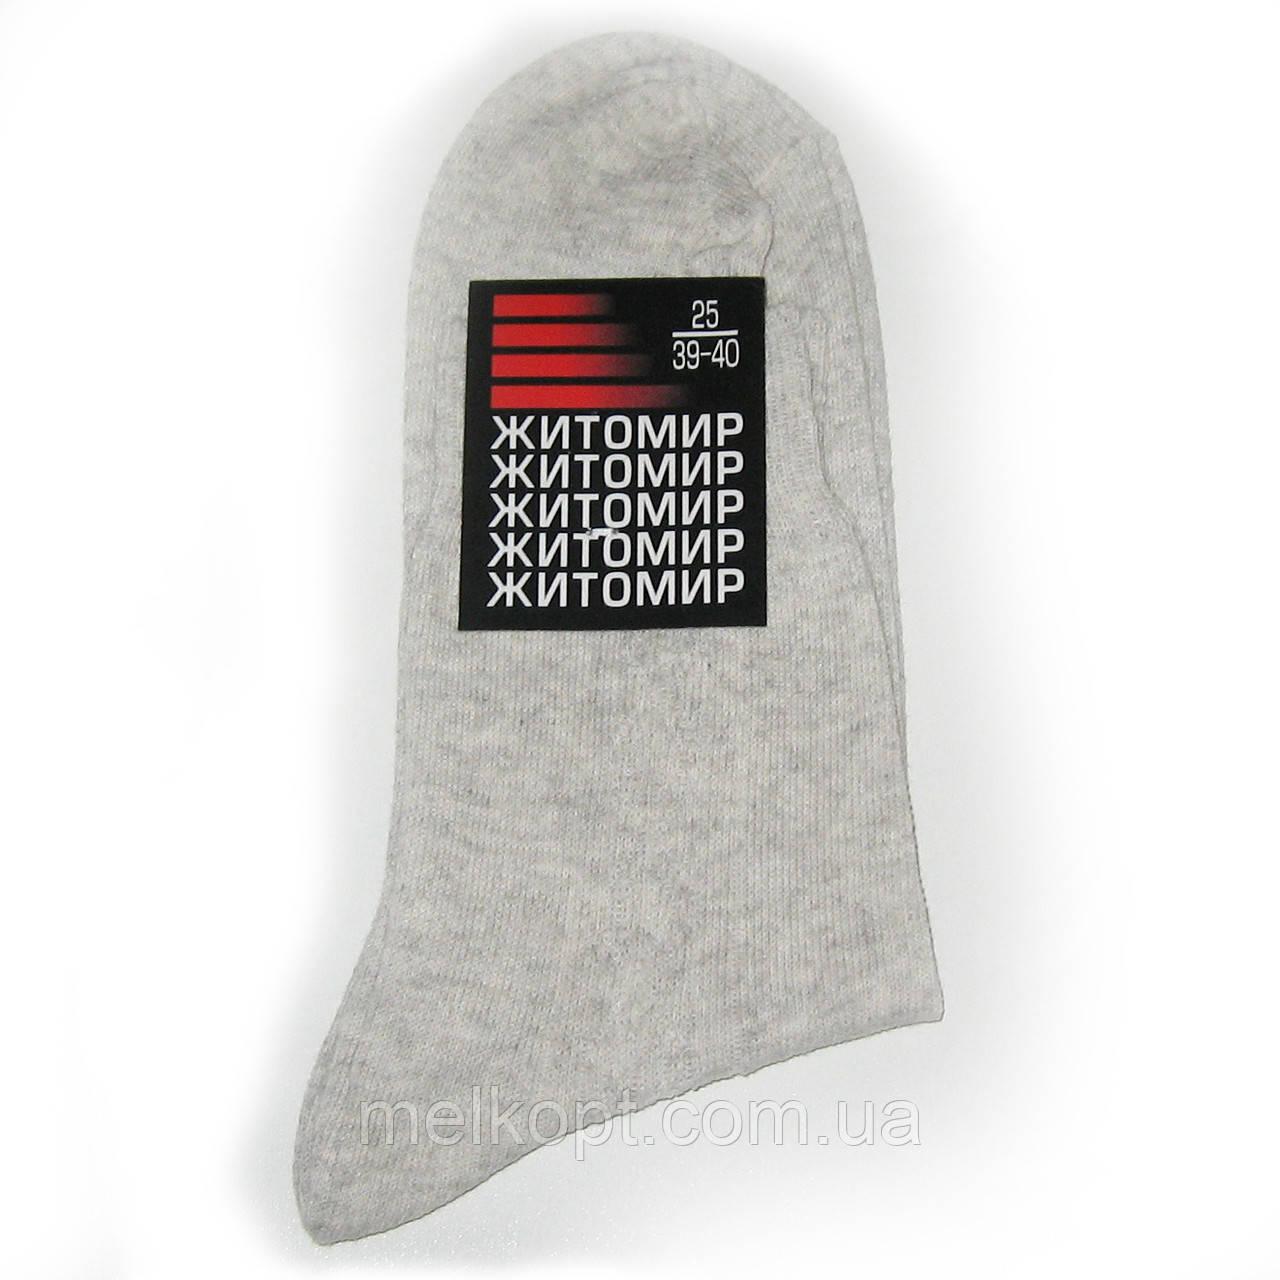 Мужские носки Житомир - 6,50 грн./пара (гладь, серые)